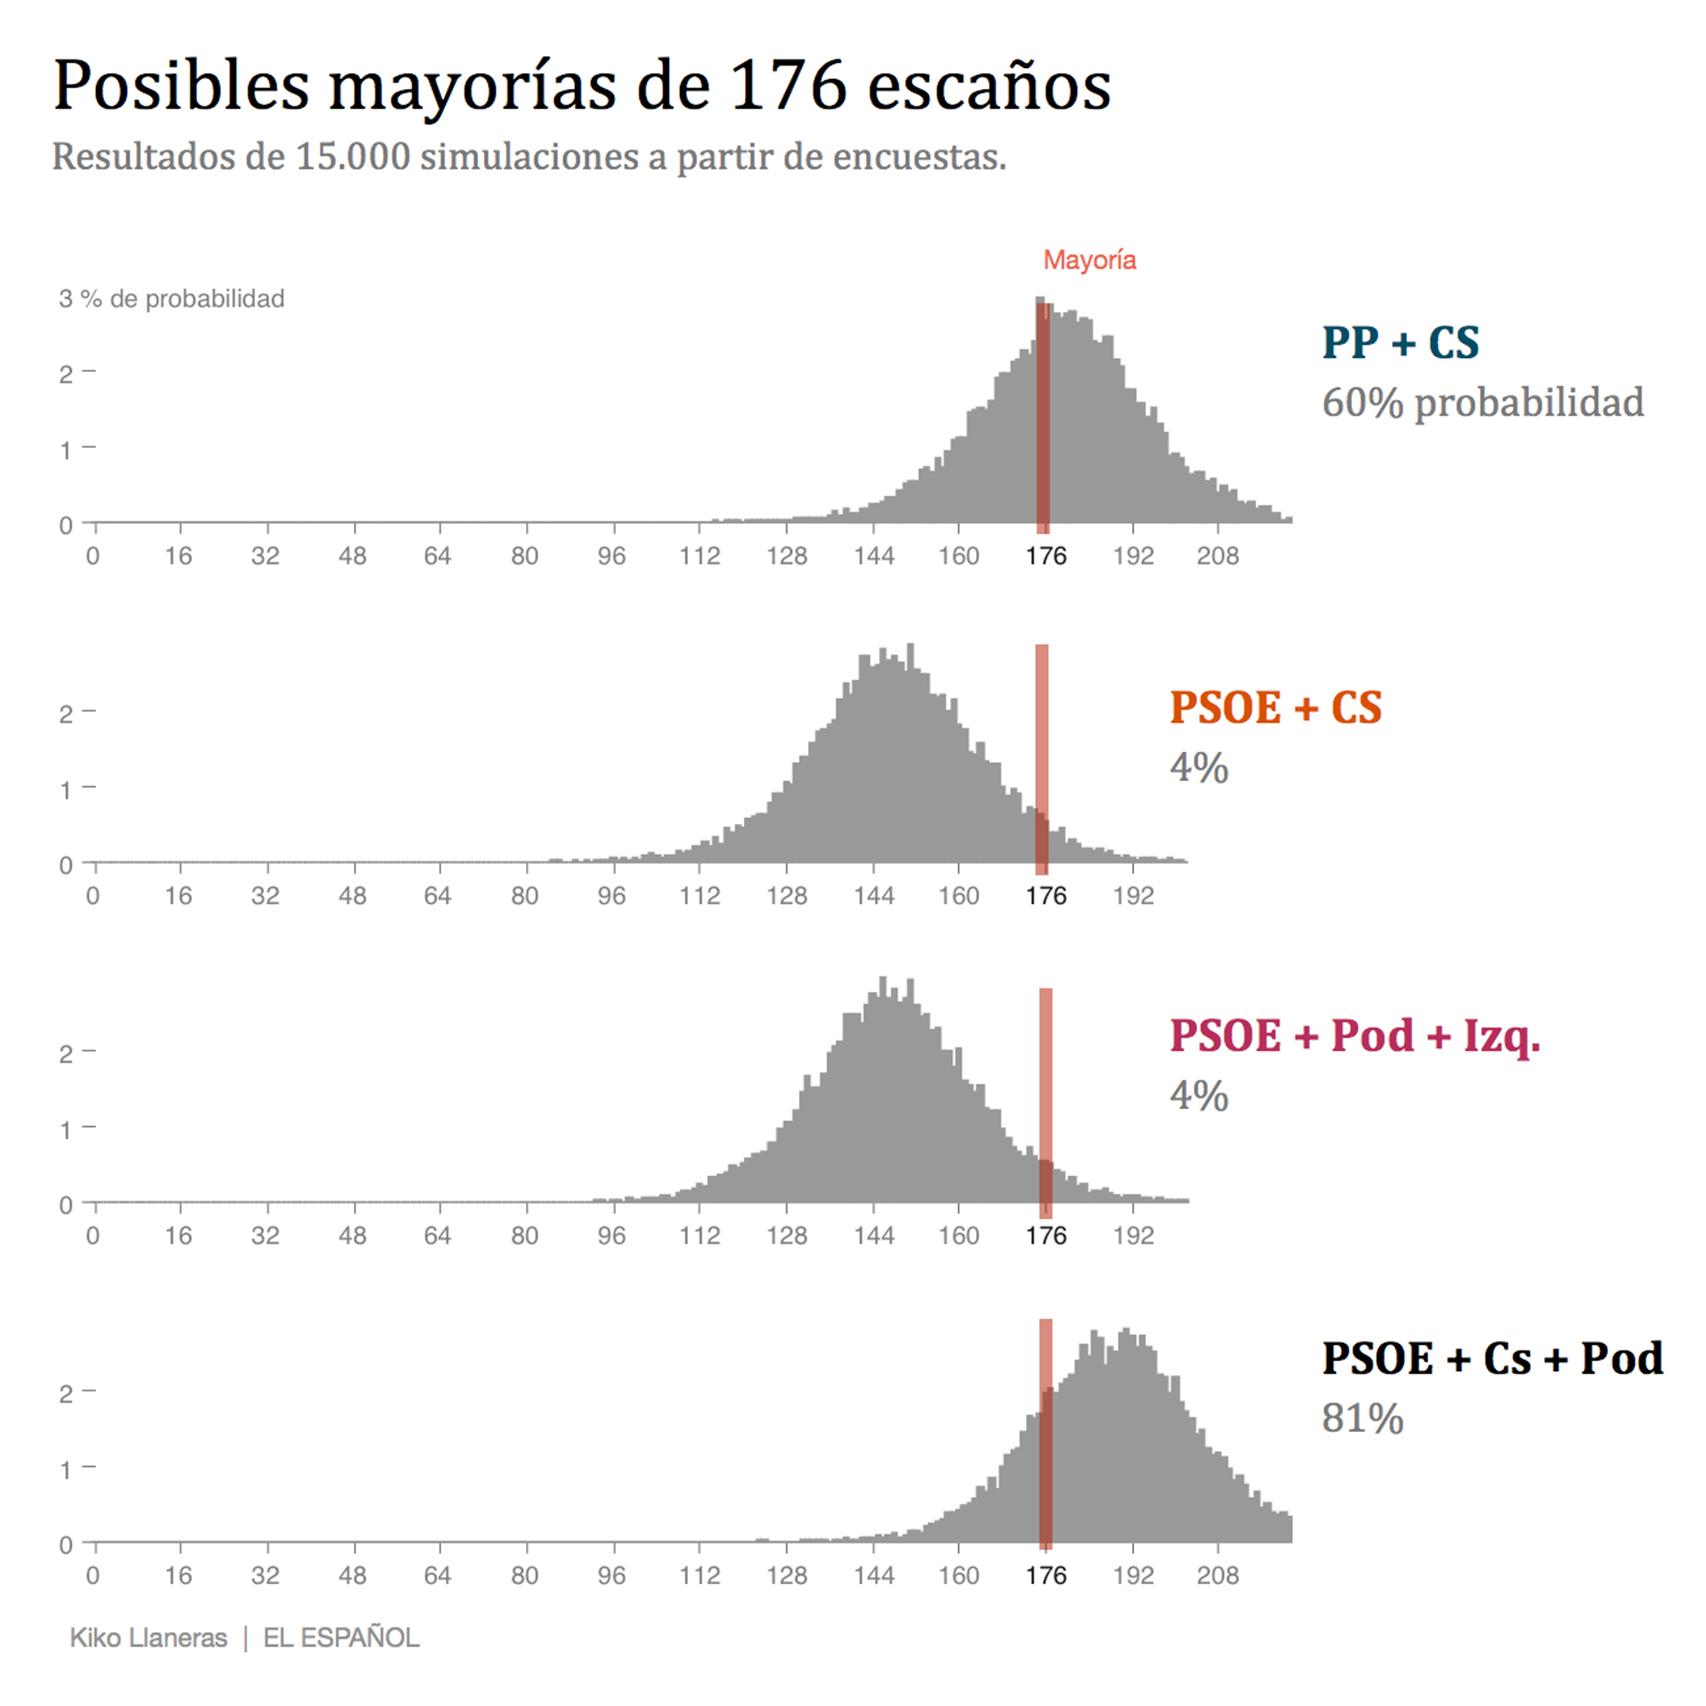 Probabilidad de sumar diferentes mayorías.